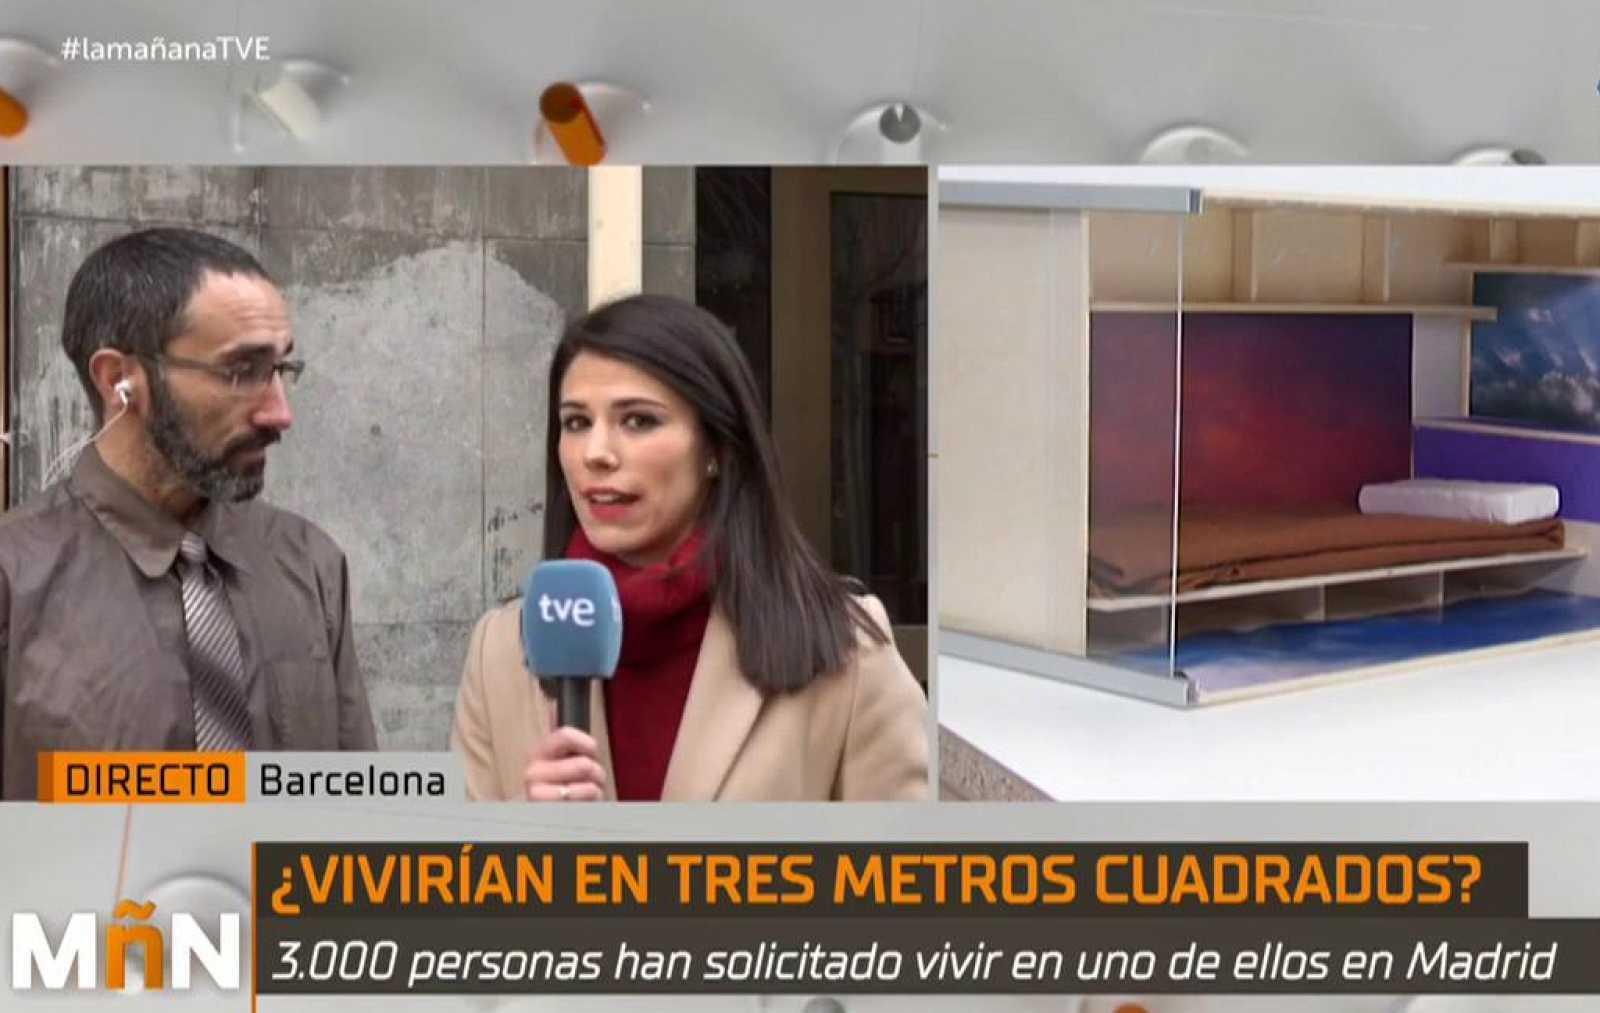 La Mañana - Pisos colmena: la empresa Haibu 4.0 reta al Ayuntamiento de Madrid con 480 cubículos en San Cristobal